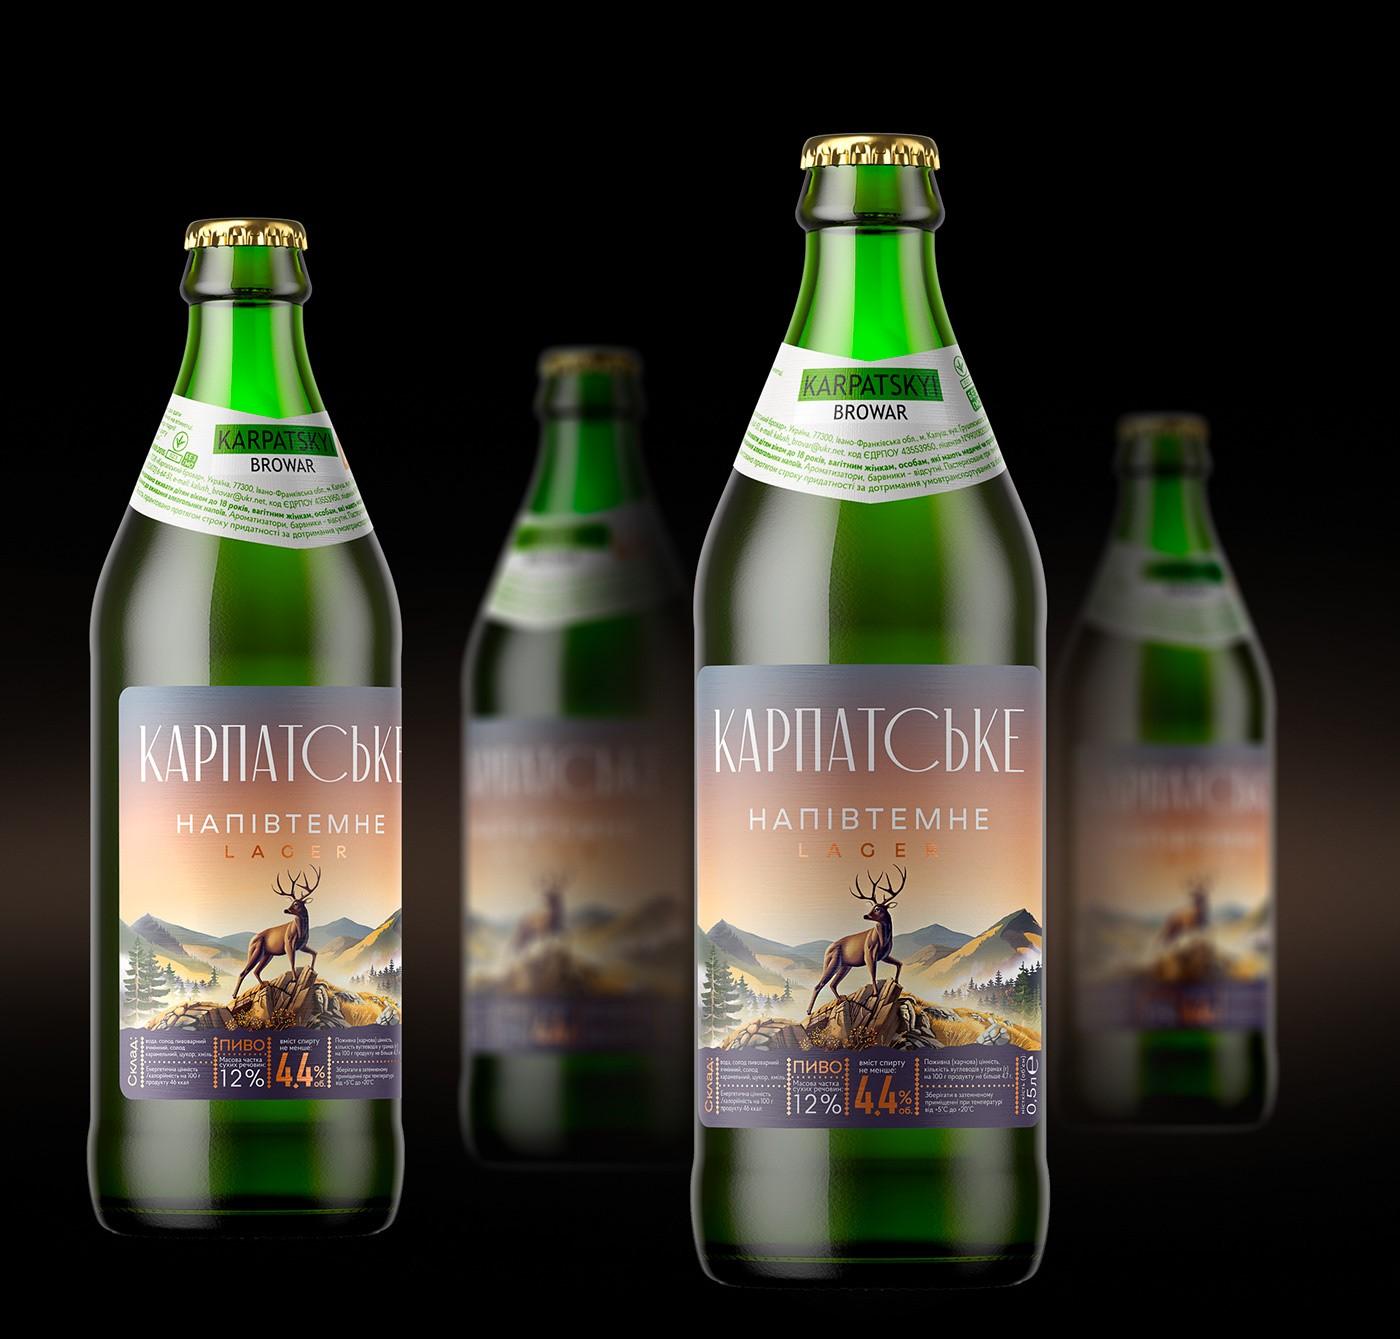 Karpatske最新升级啤酒包装设计